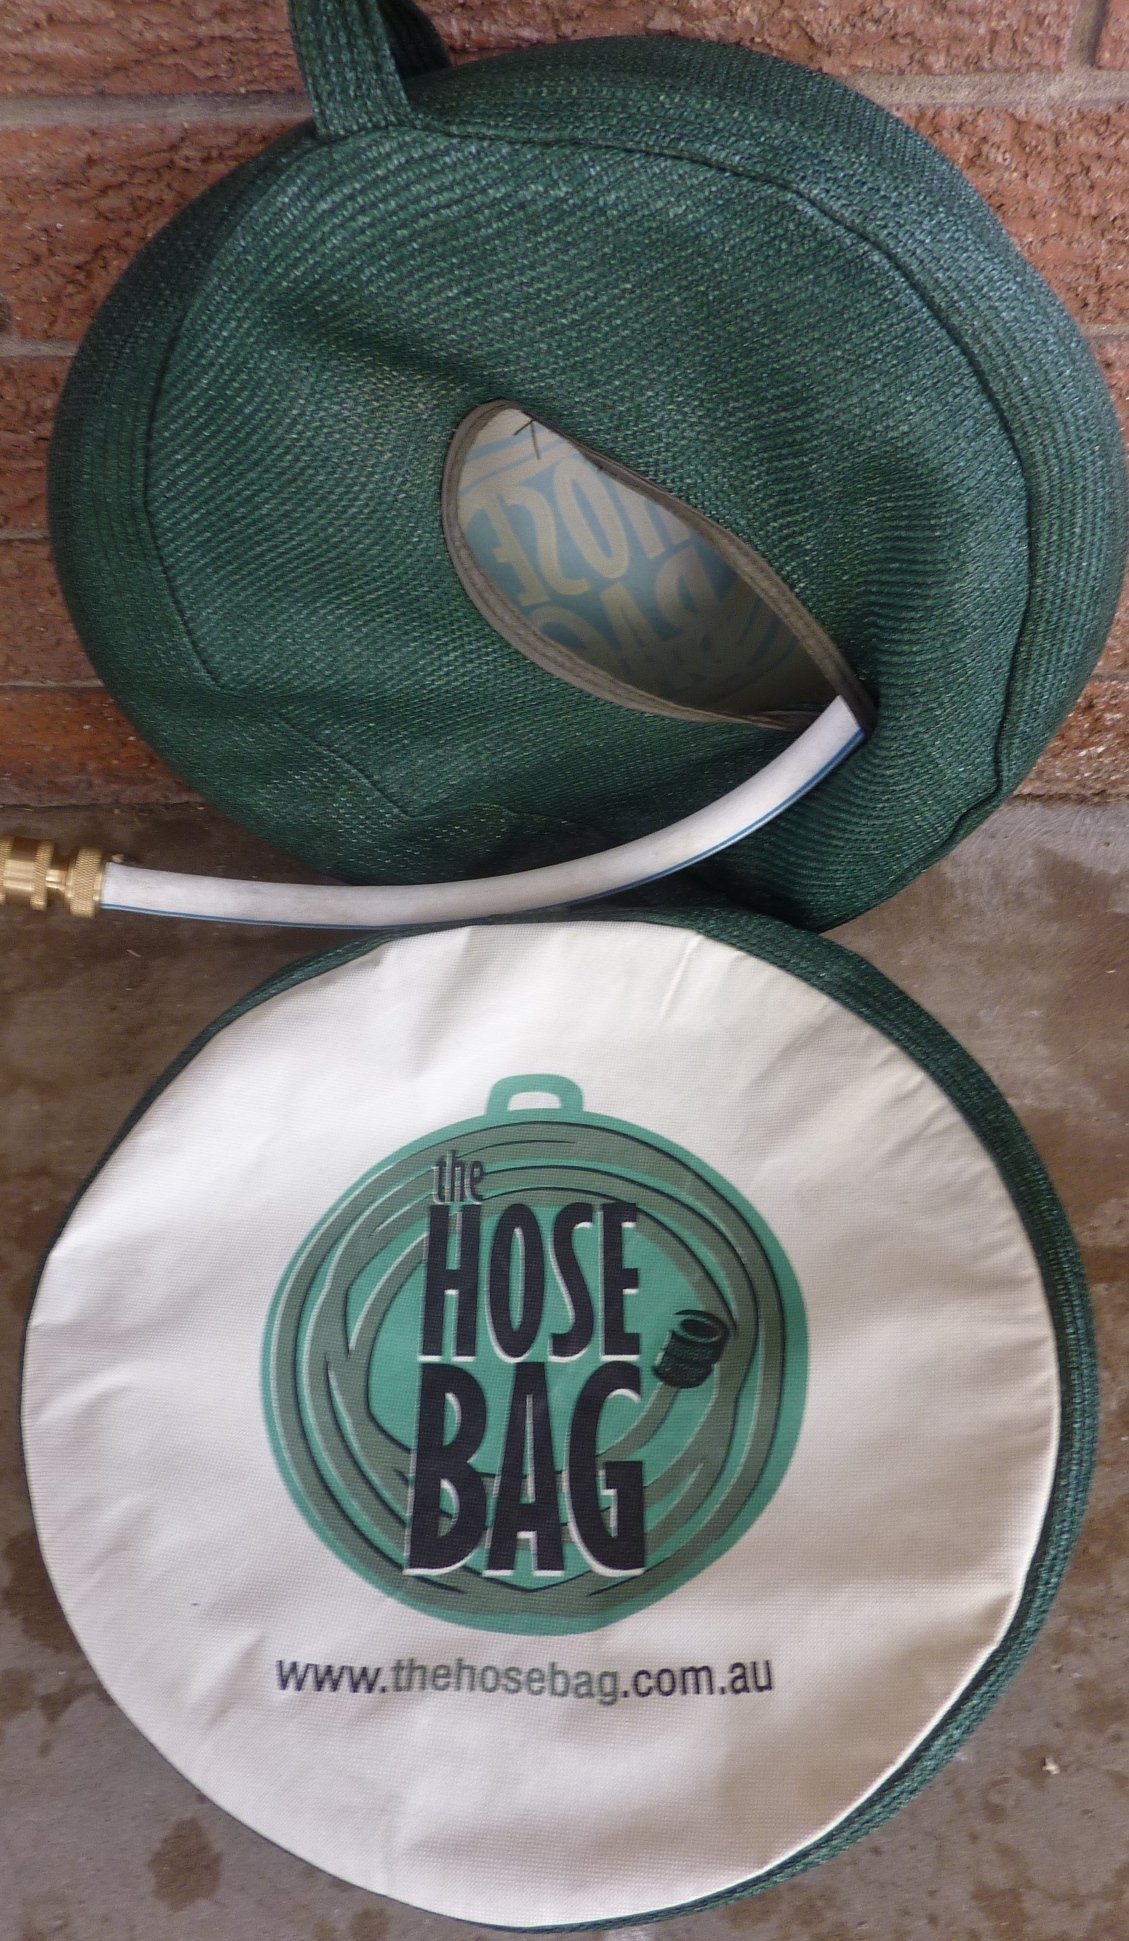 The Hose storage Bag